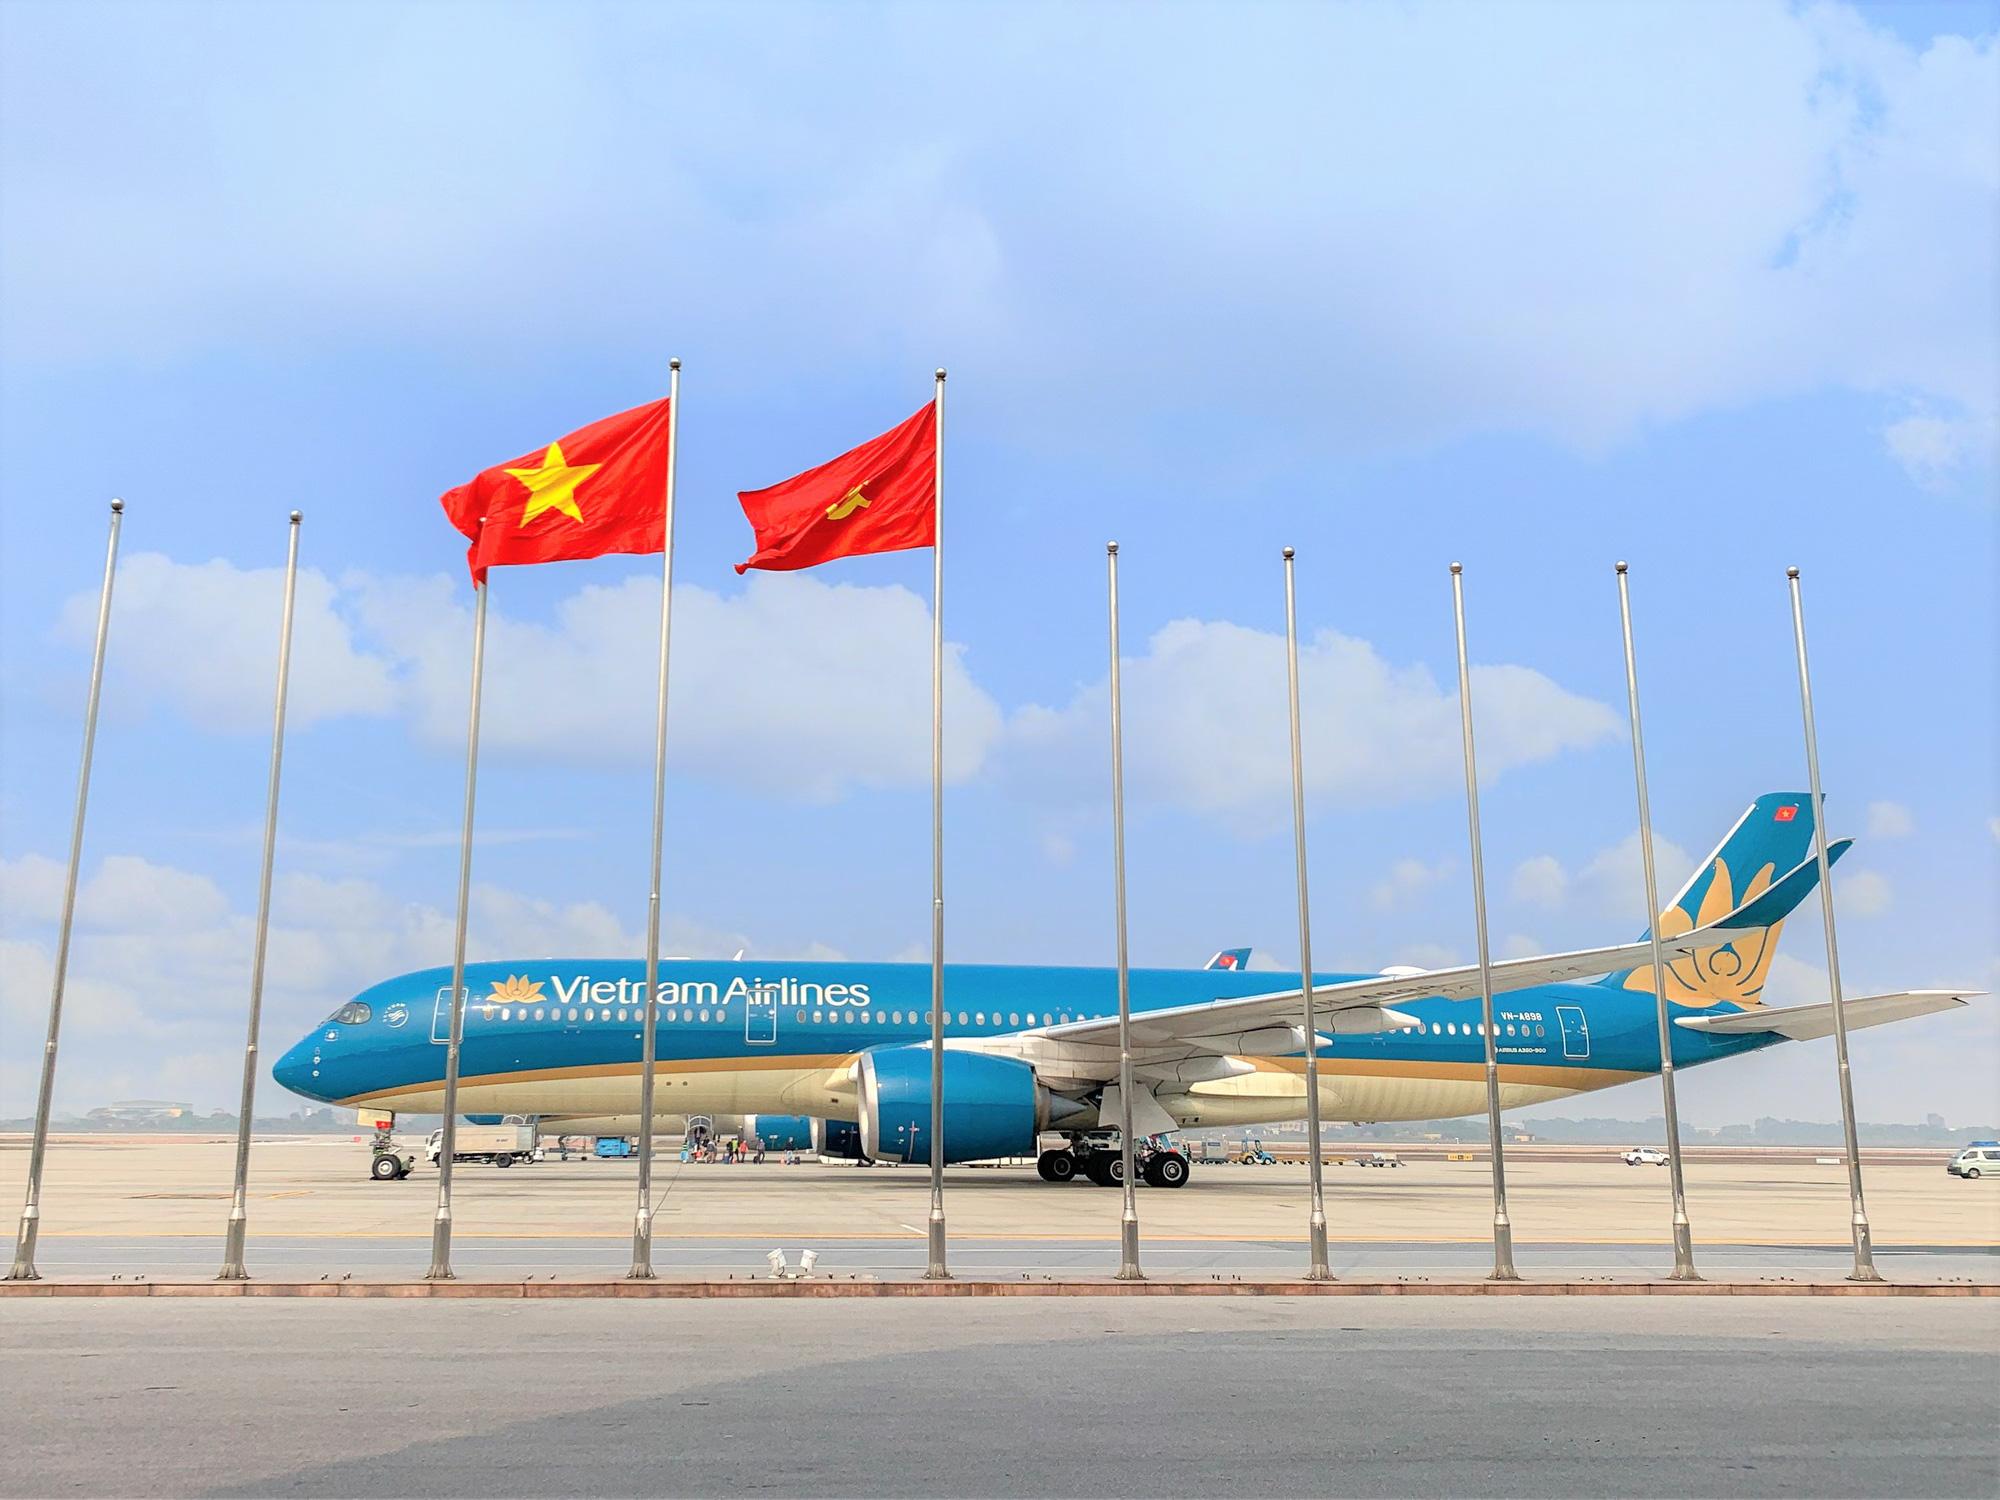 Chuyến bay đặc biệt của Vietnam Airlines phục vụ Đại hội Đảng XIII - Ảnh 1.